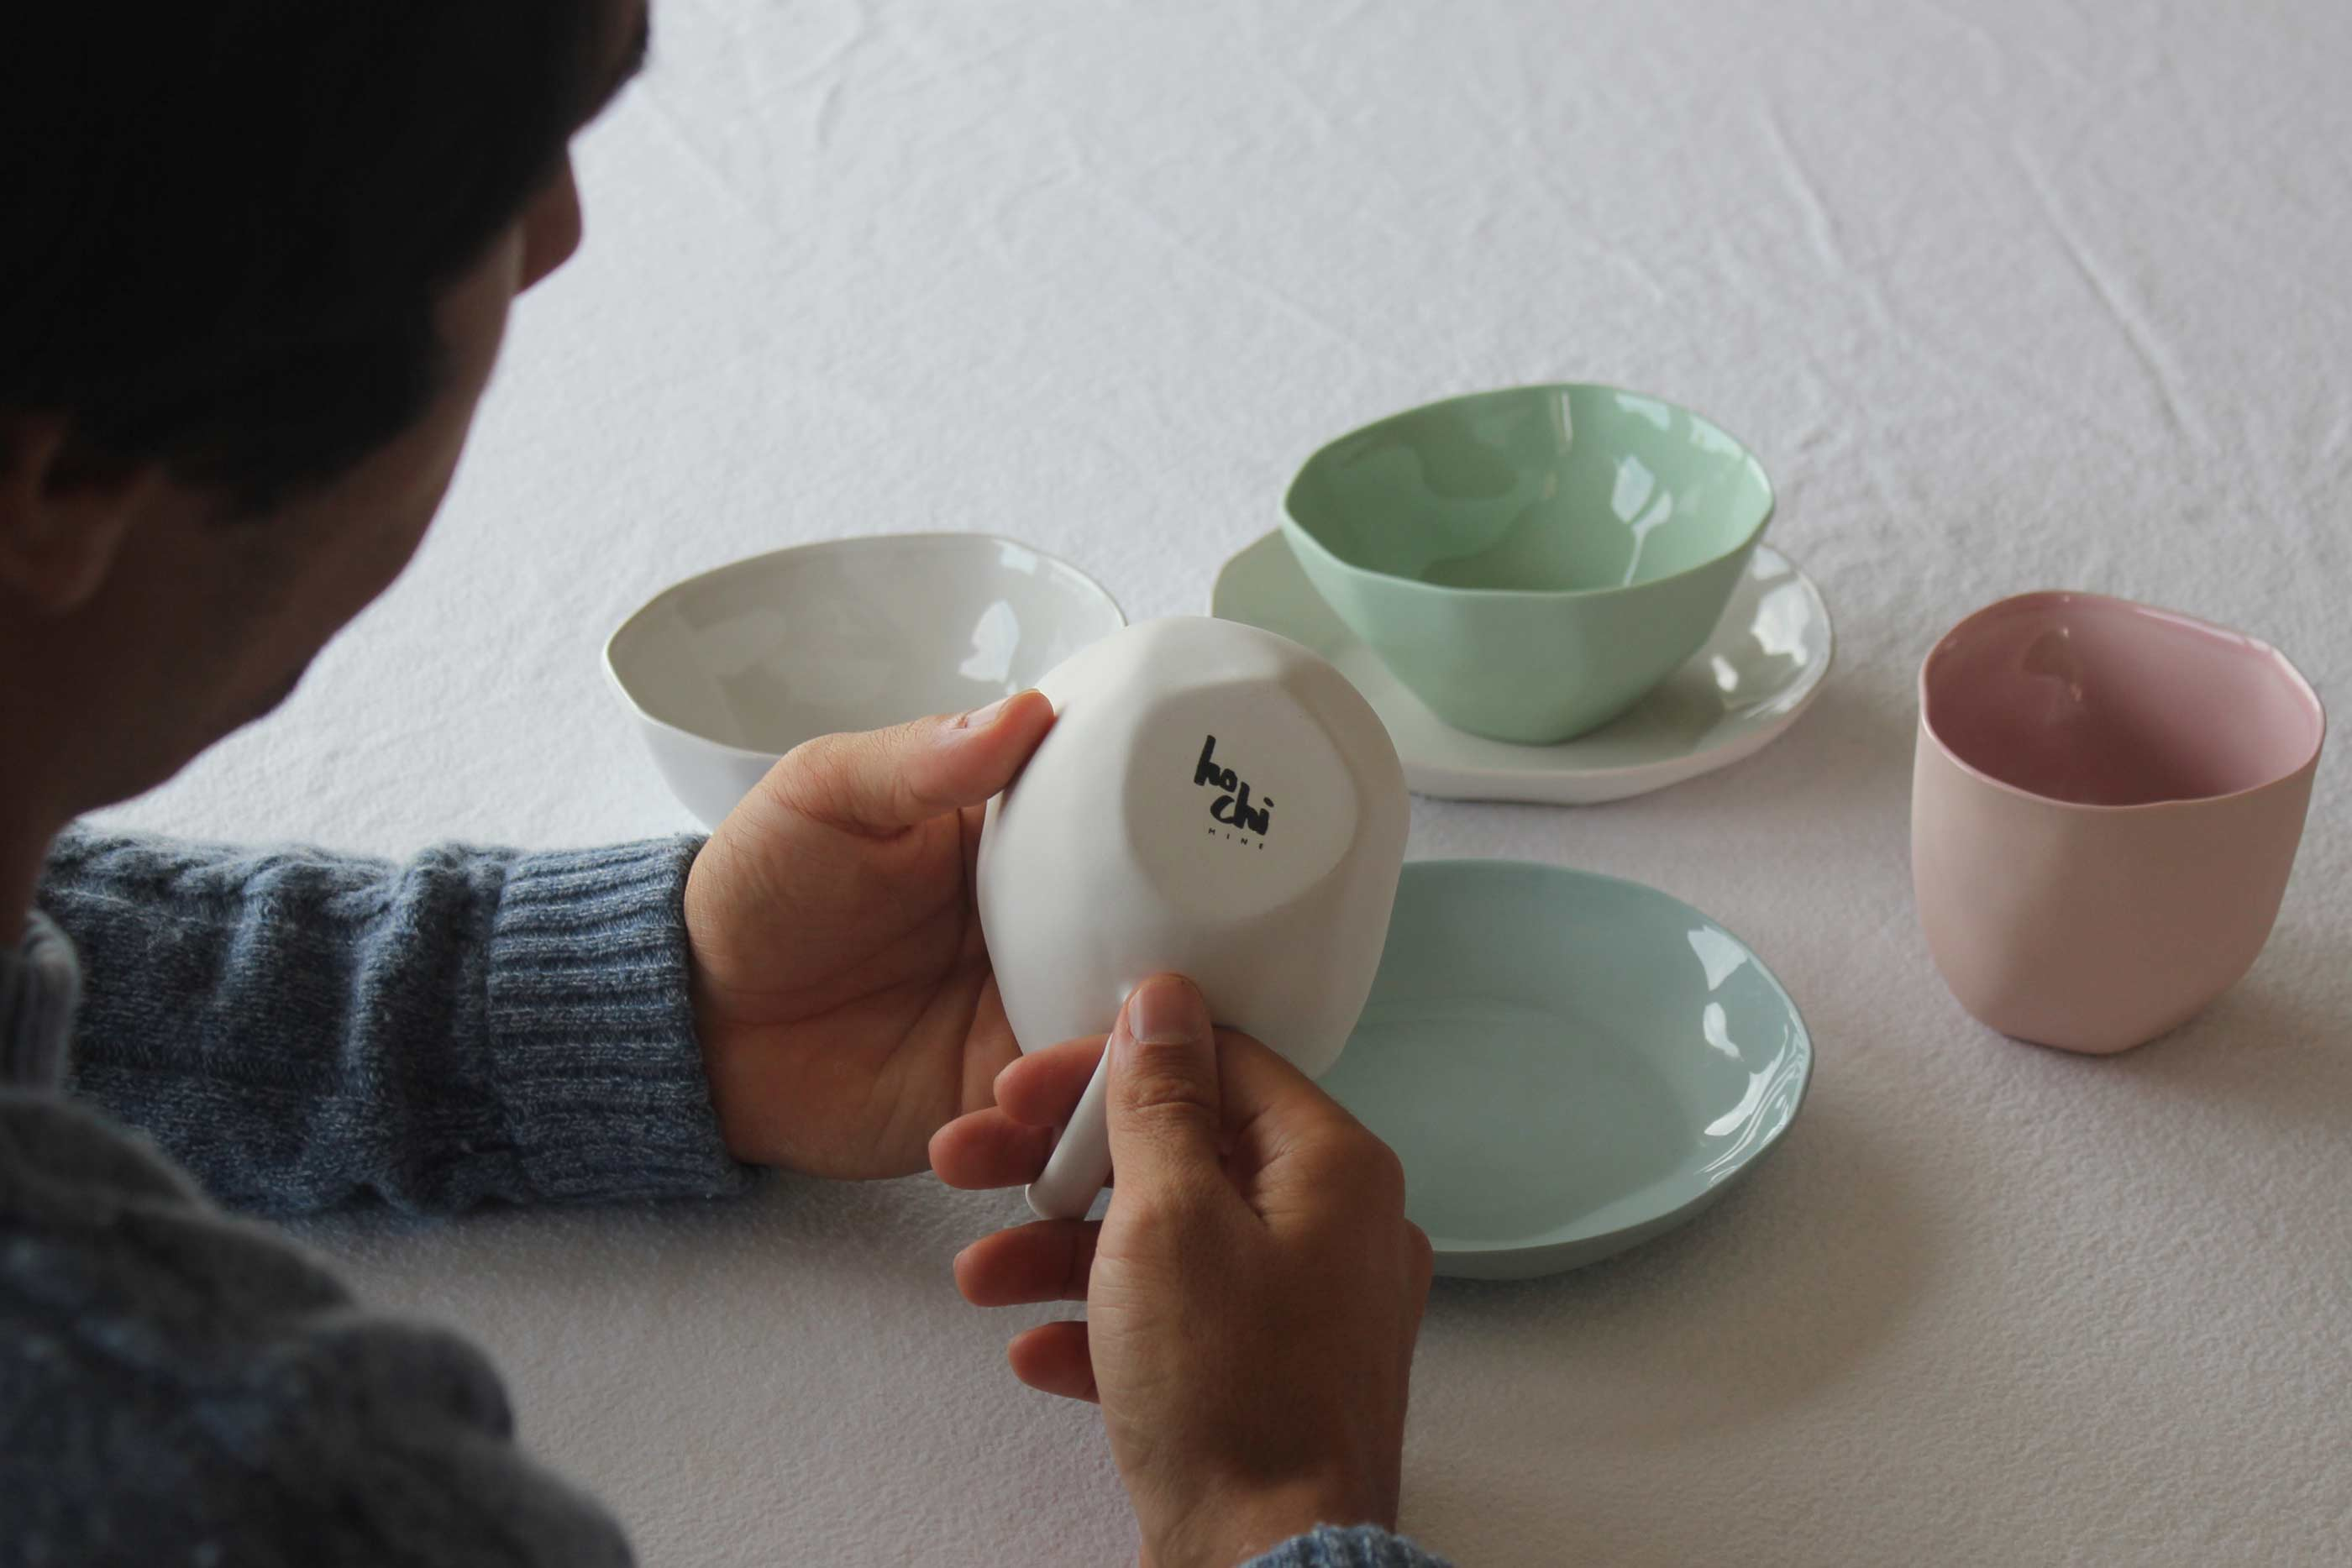 Peças de porcelana de várias cores, seguradas por um rapaz que evidencia o logotipo da marca.